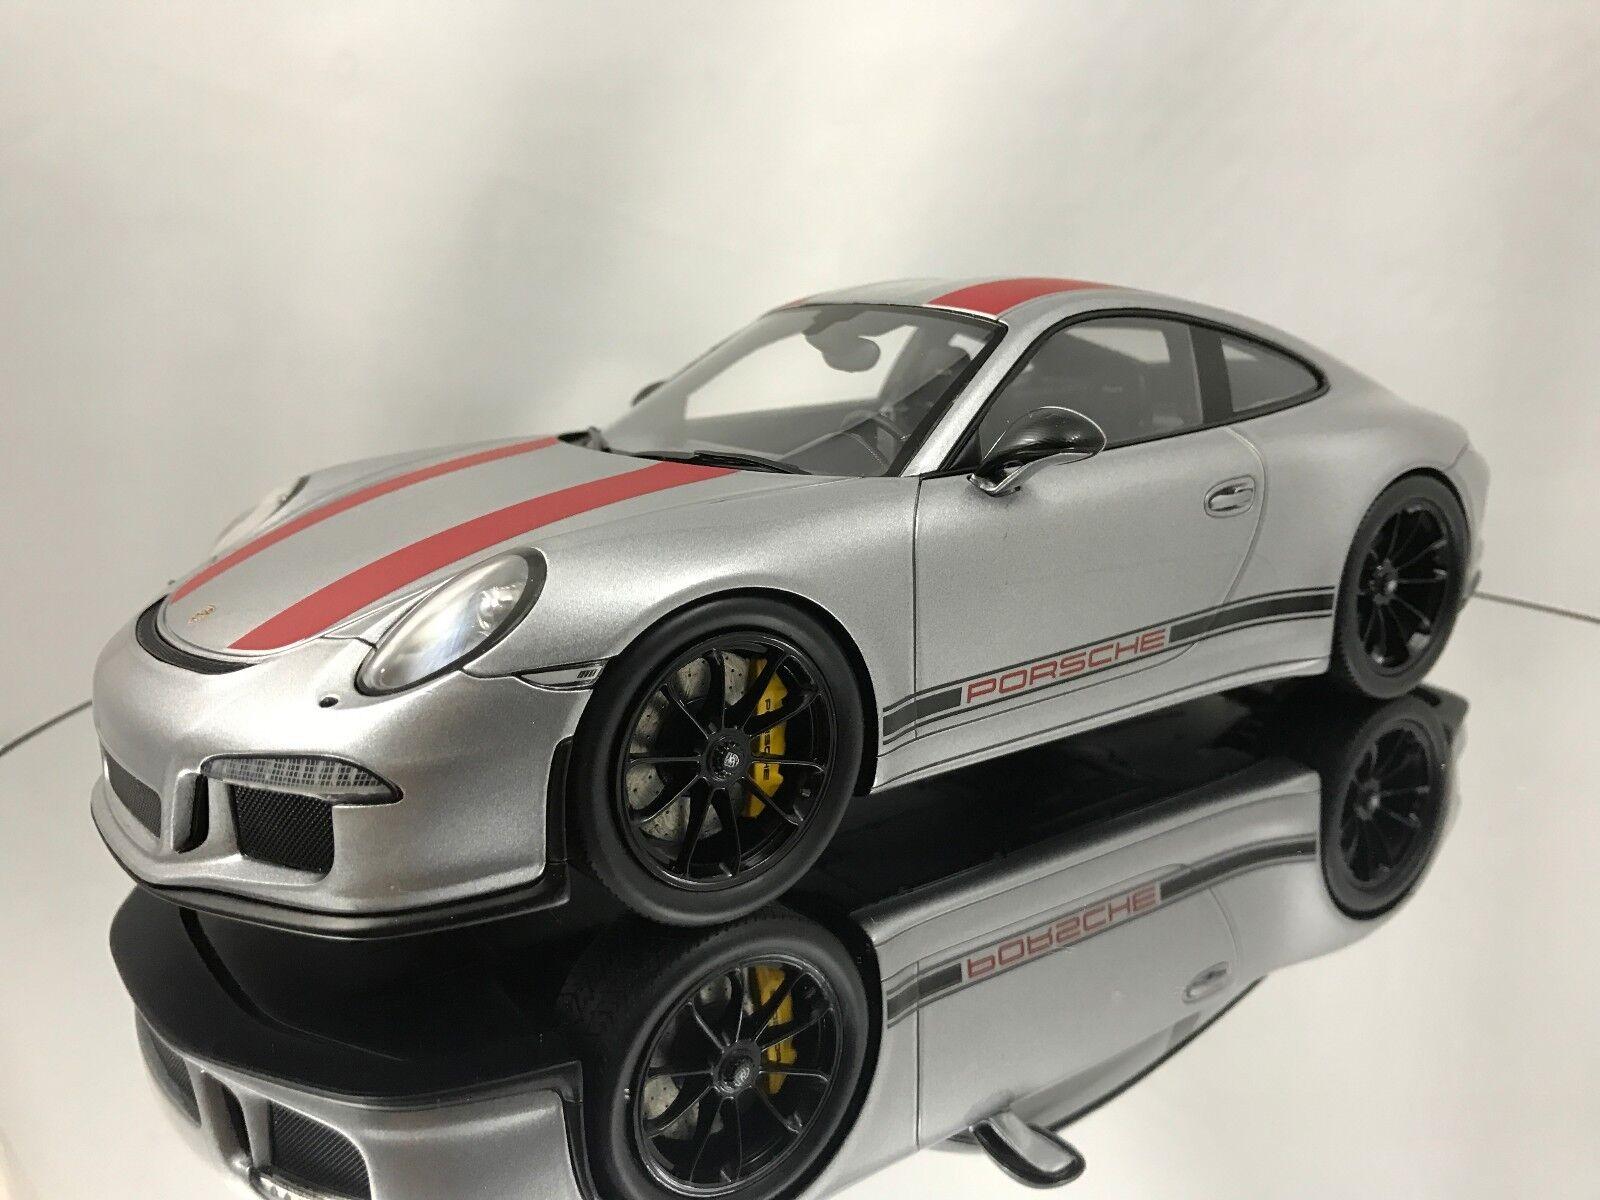 Spark PORSCHE 911 R (991) ARGENT & ROUGE avec Showcase Résine Voiture Modèle 1 18